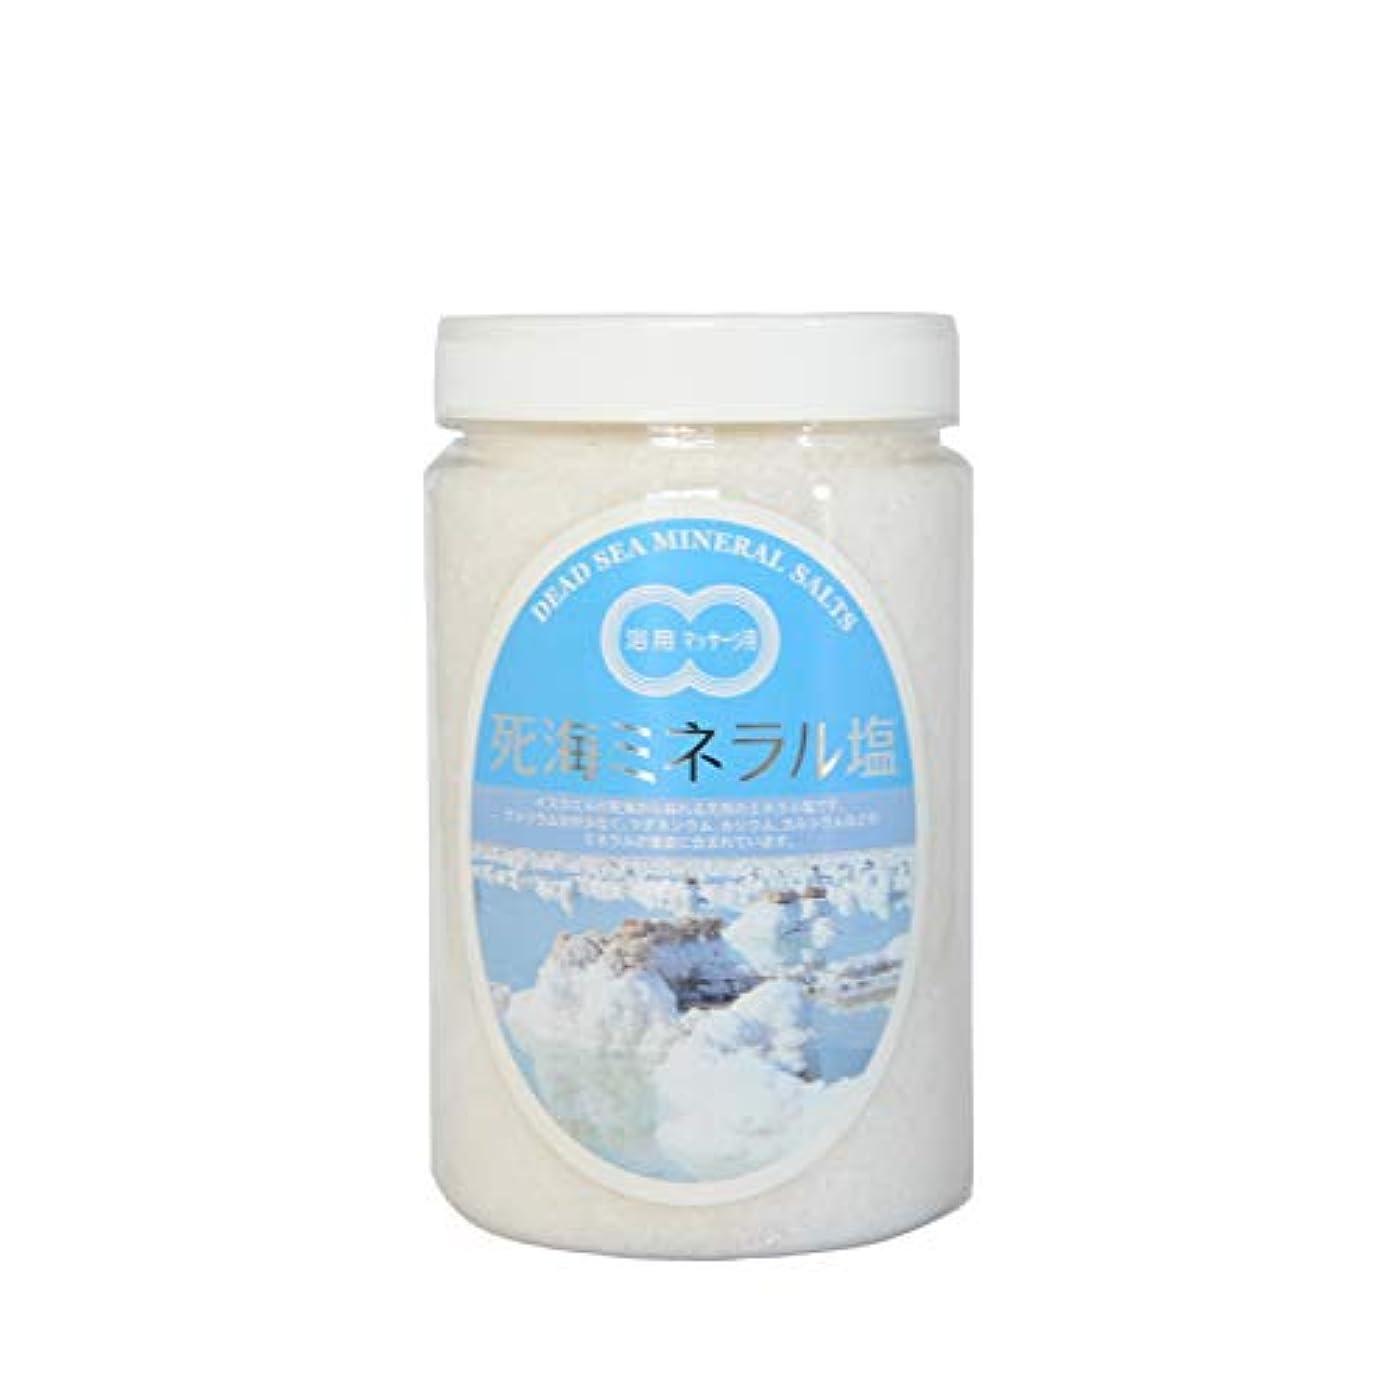 正直先のことを考える花輪死海ミネラル塩1kgボトル